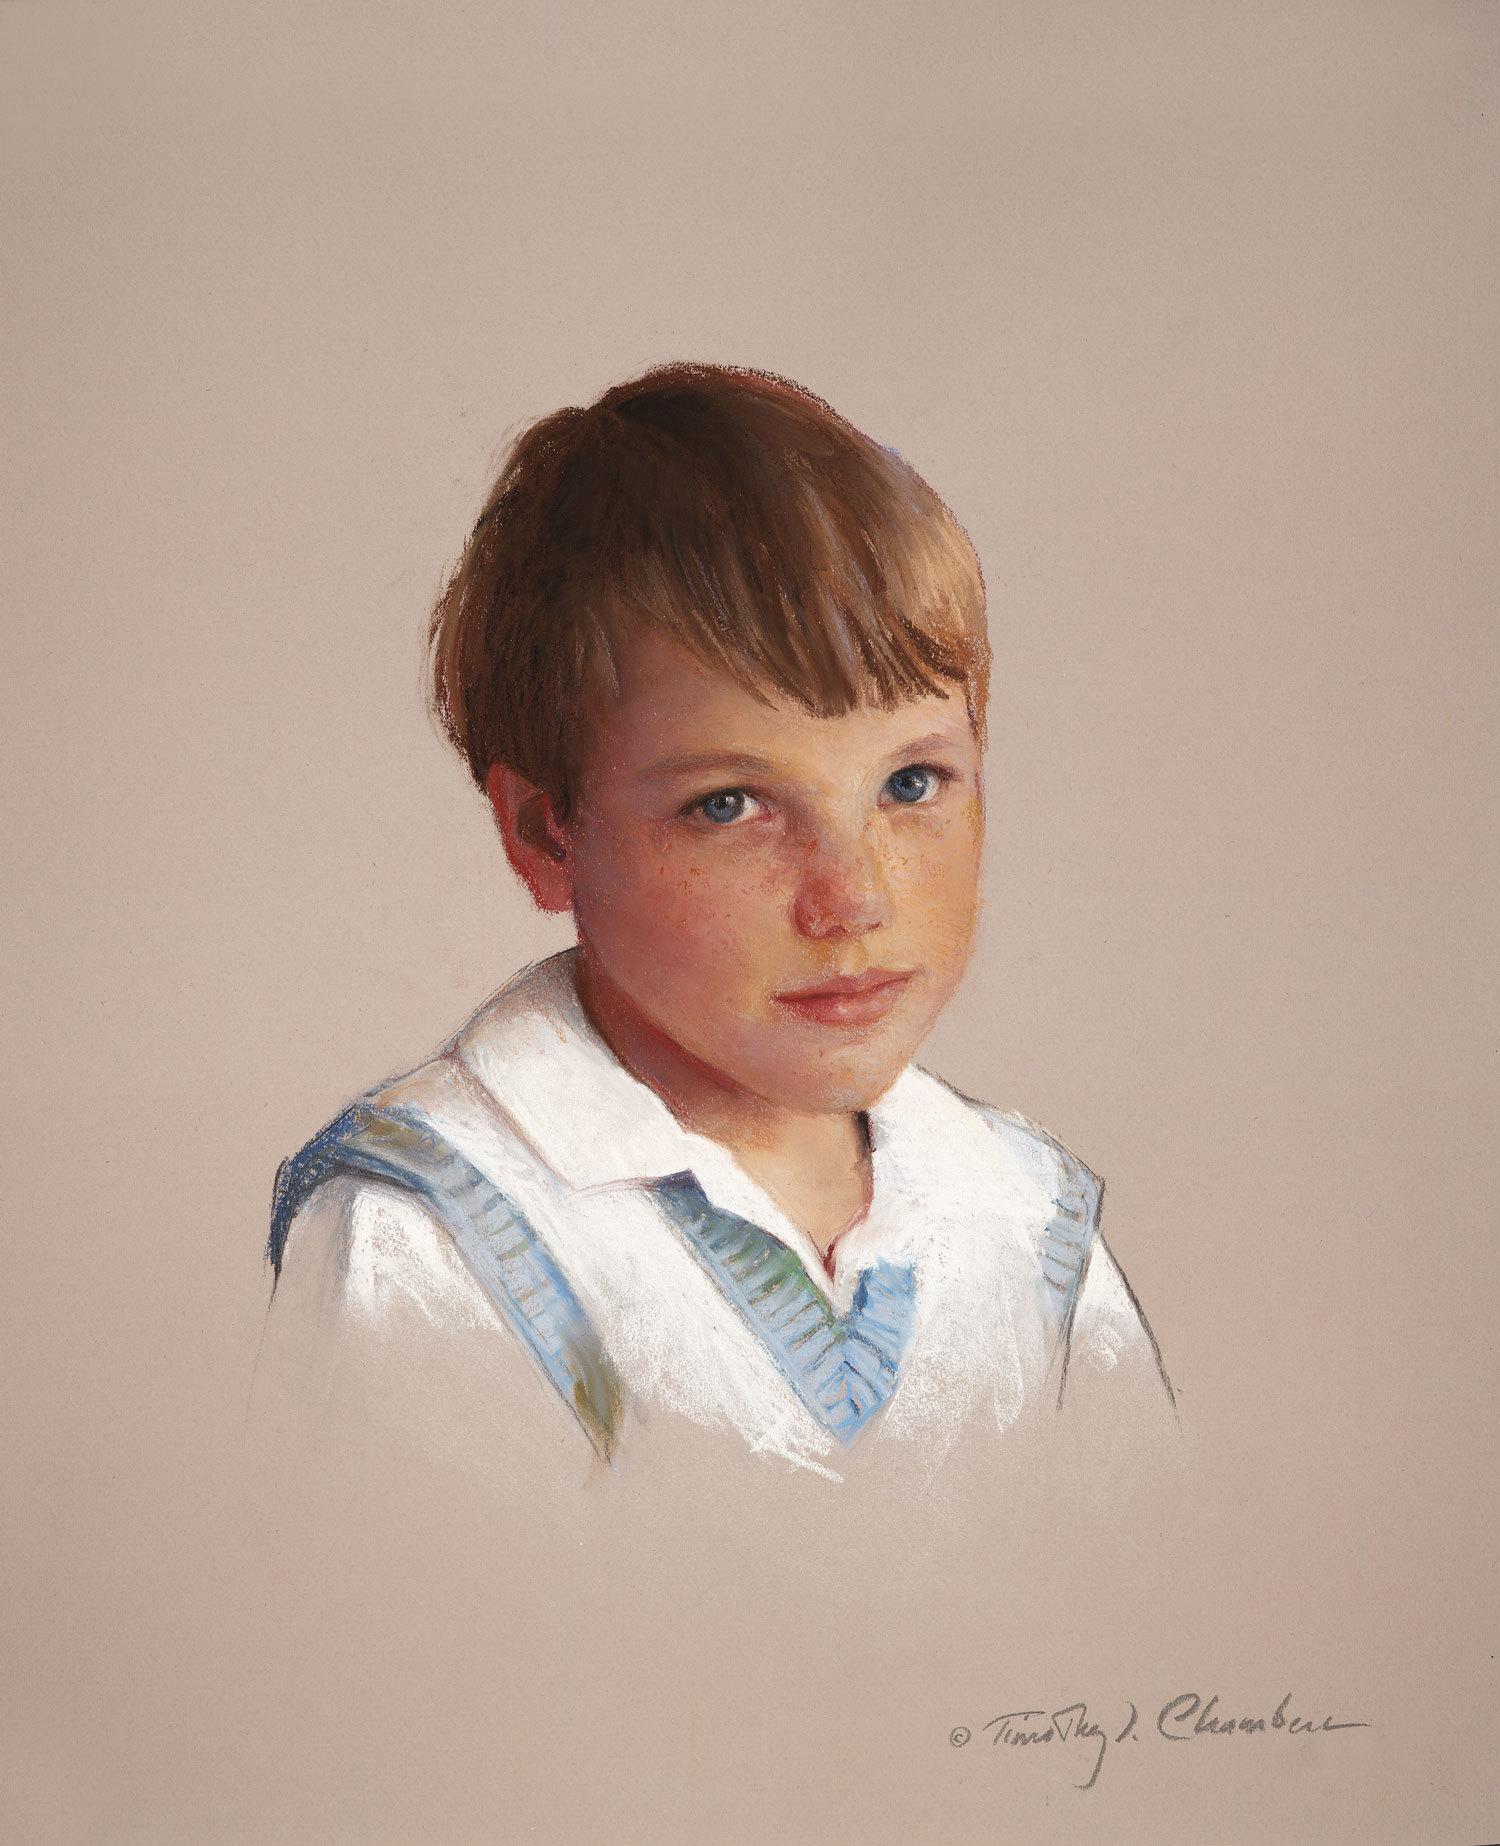 Children's Portrait, Head & Shoulders